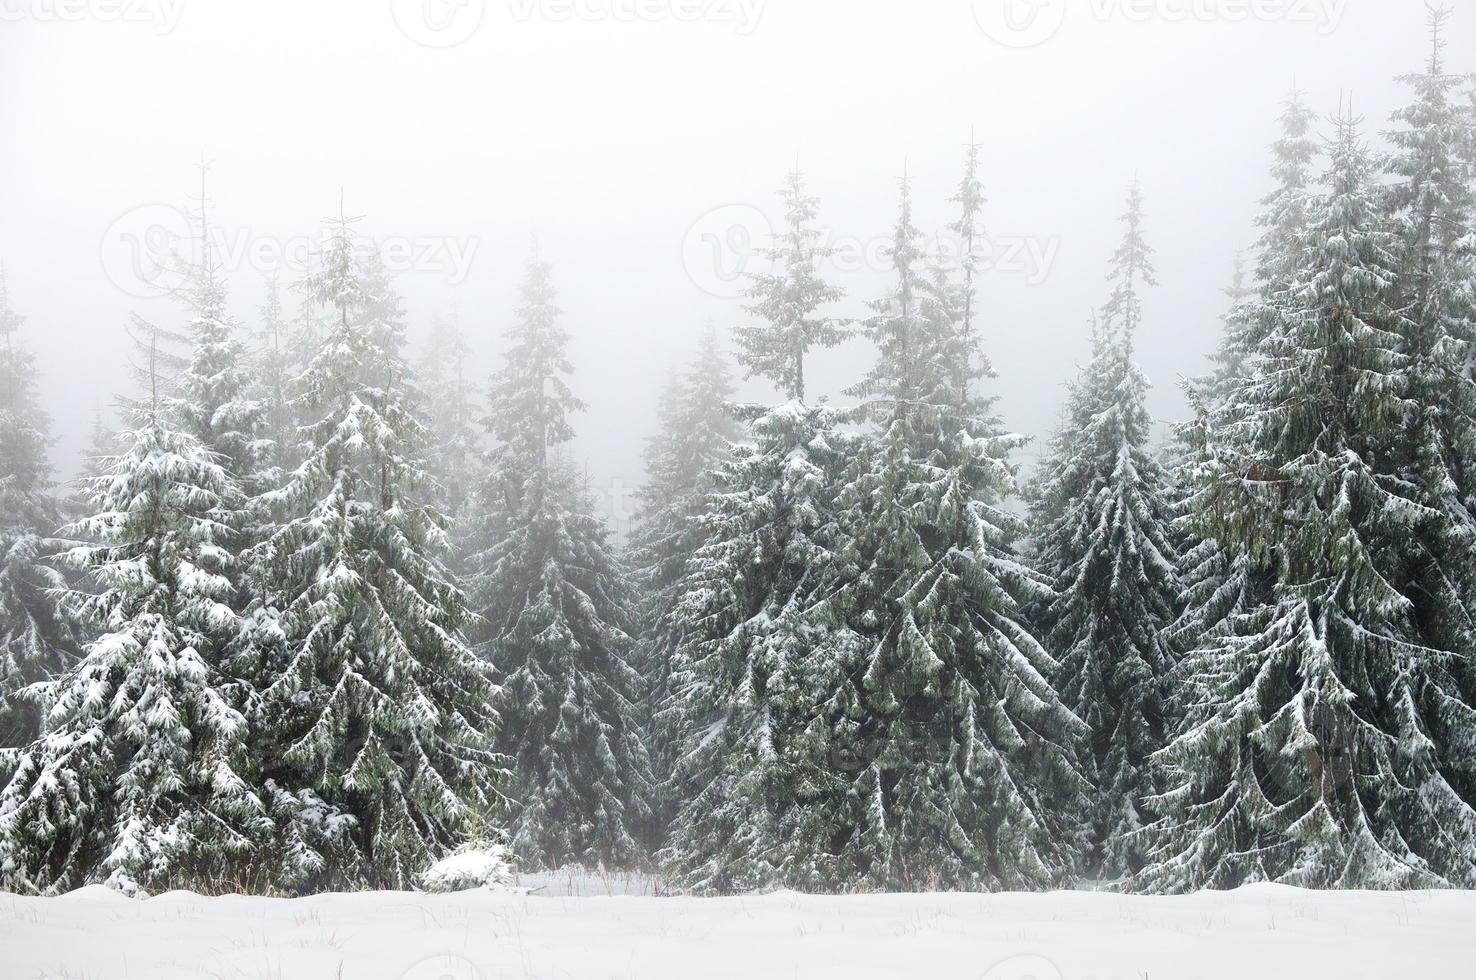 bosque de invierno en la niebla foto